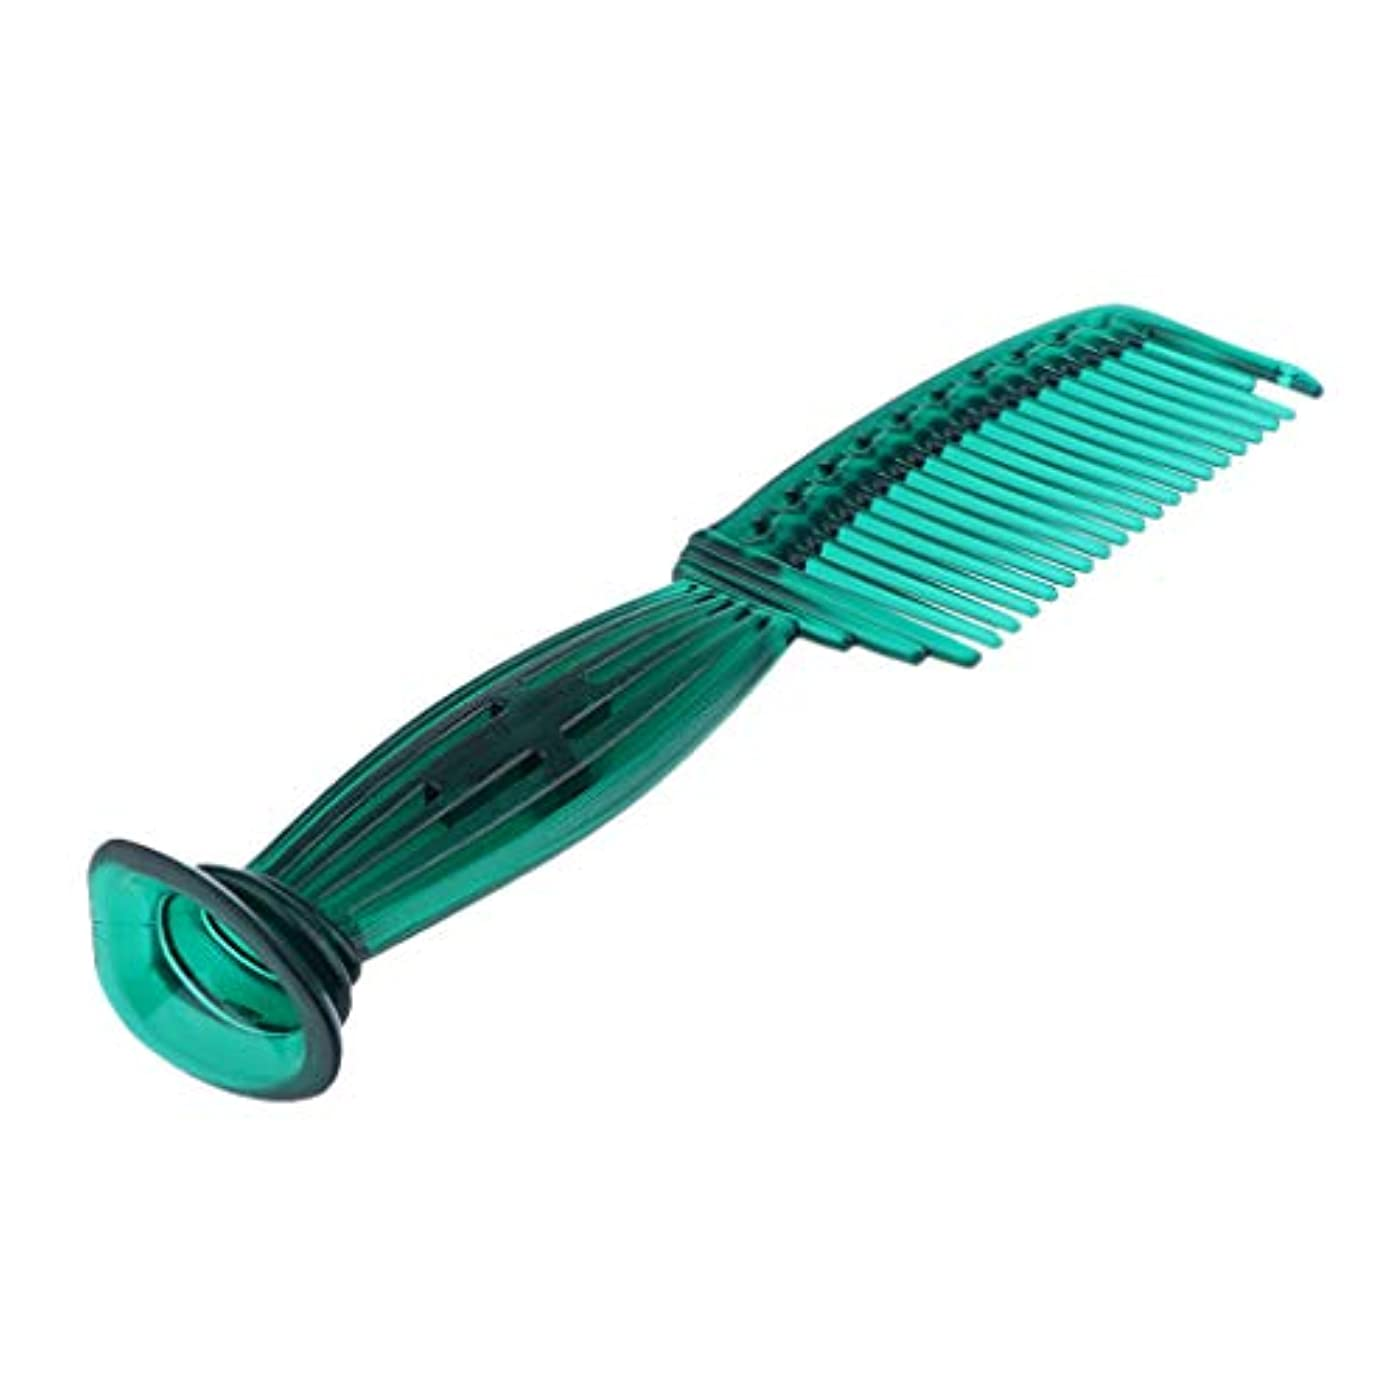 本質的ではない羽挽くB Baosity ヘアコーム ヘアブラシ ラウンドチップ ワイドスペースの歯 頭皮保護 櫛 5色選べ - 緑